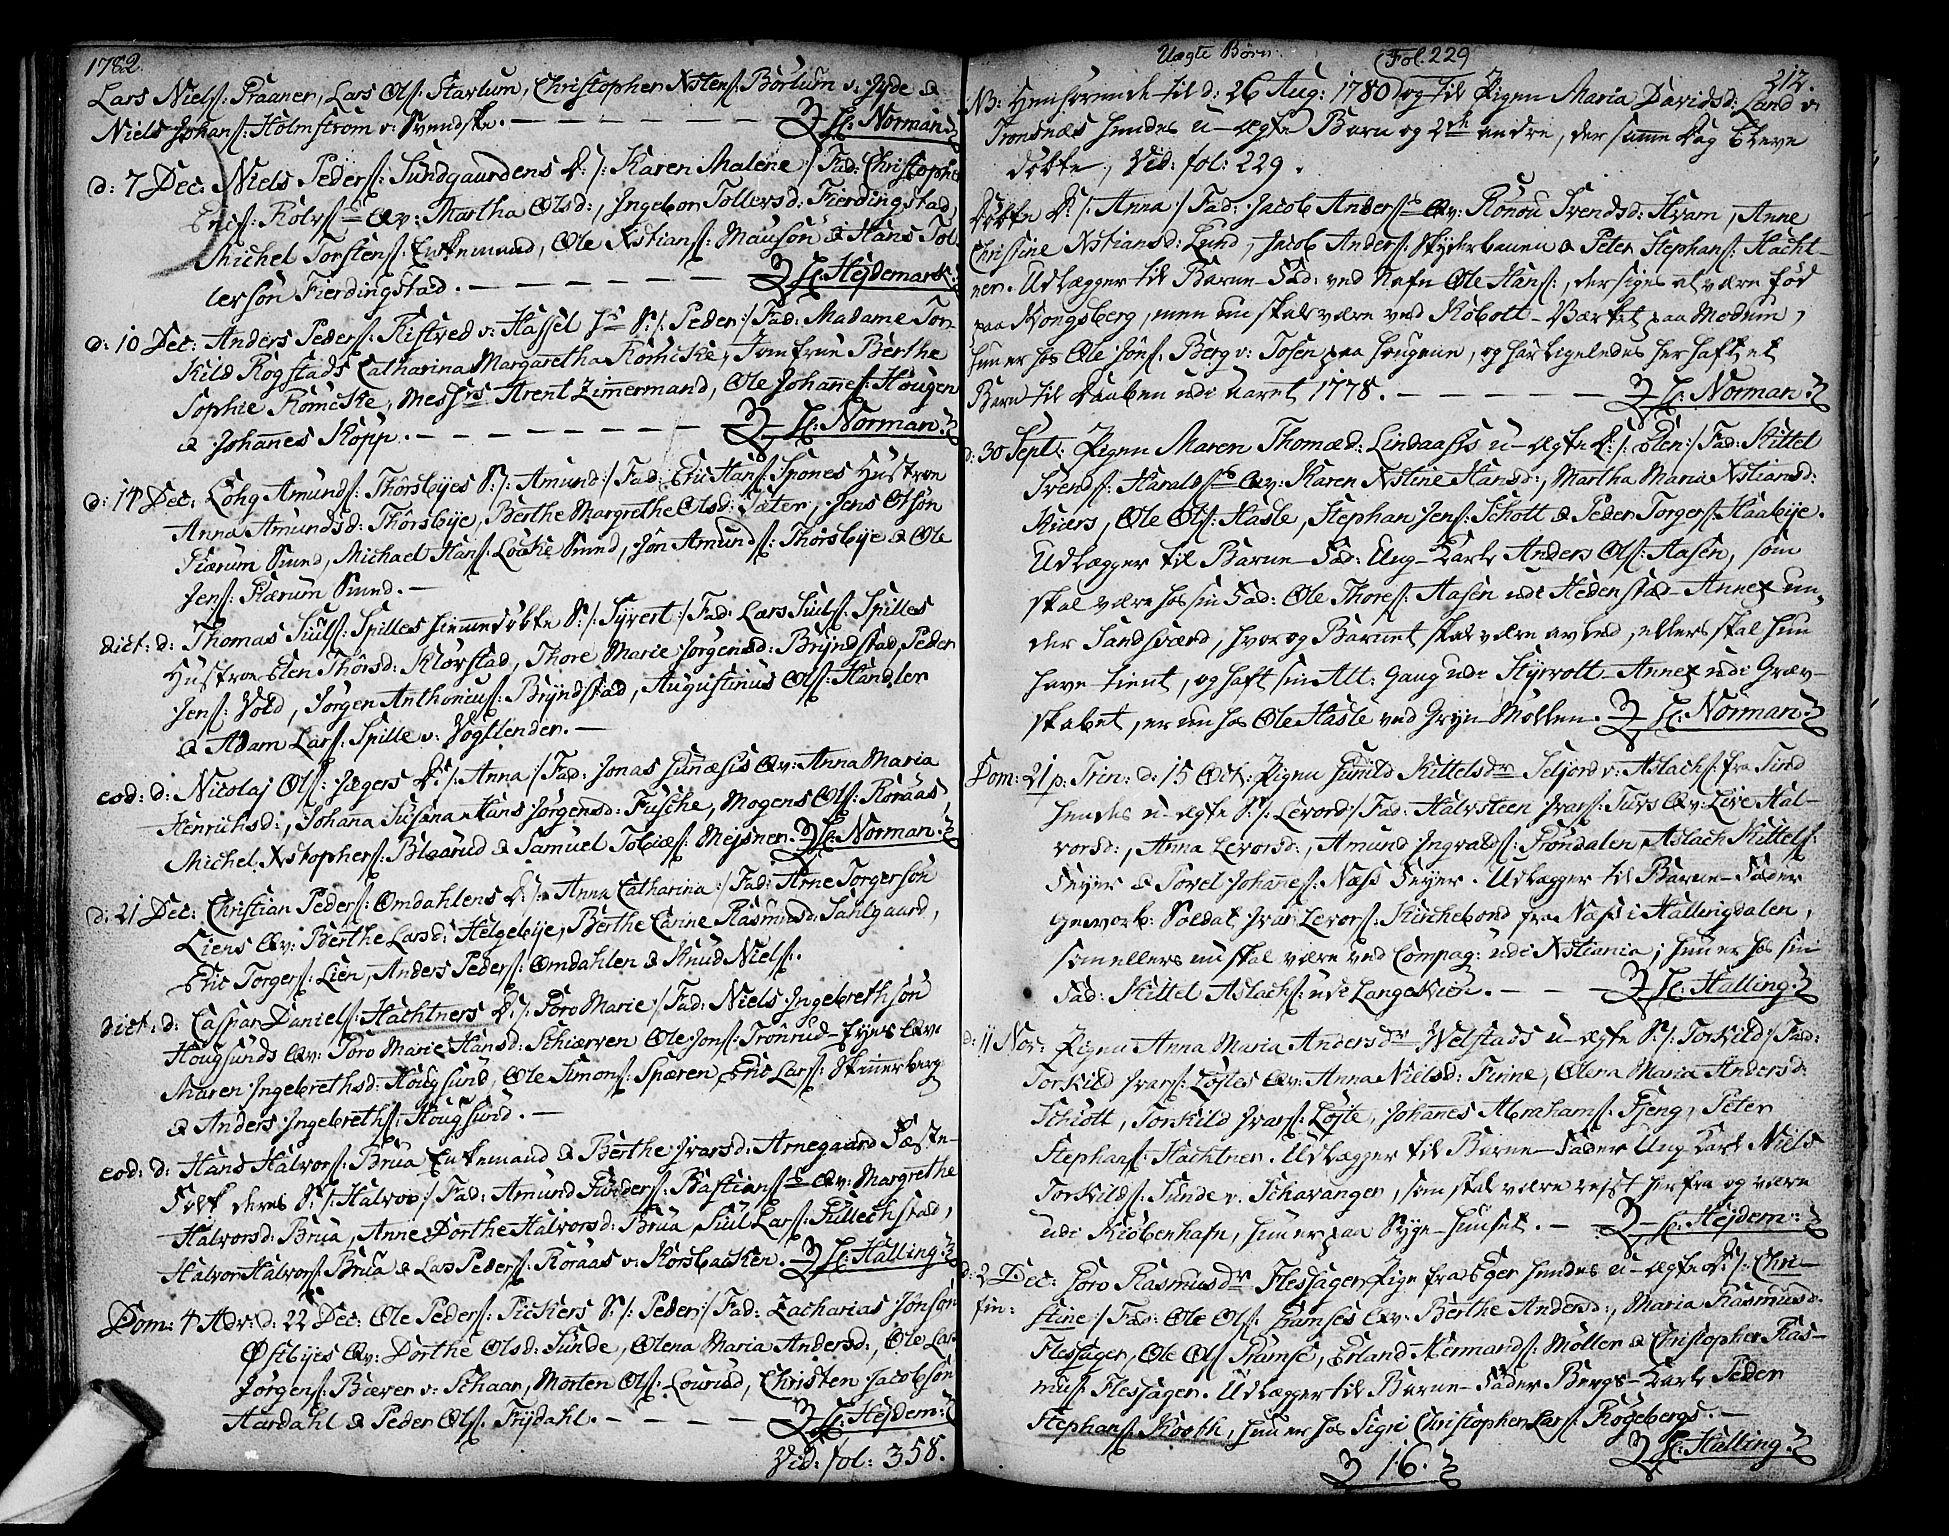 SAKO, Kongsberg kirkebøker, F/Fa/L0005: Ministerialbok nr. I 5, 1769-1782, s. 212